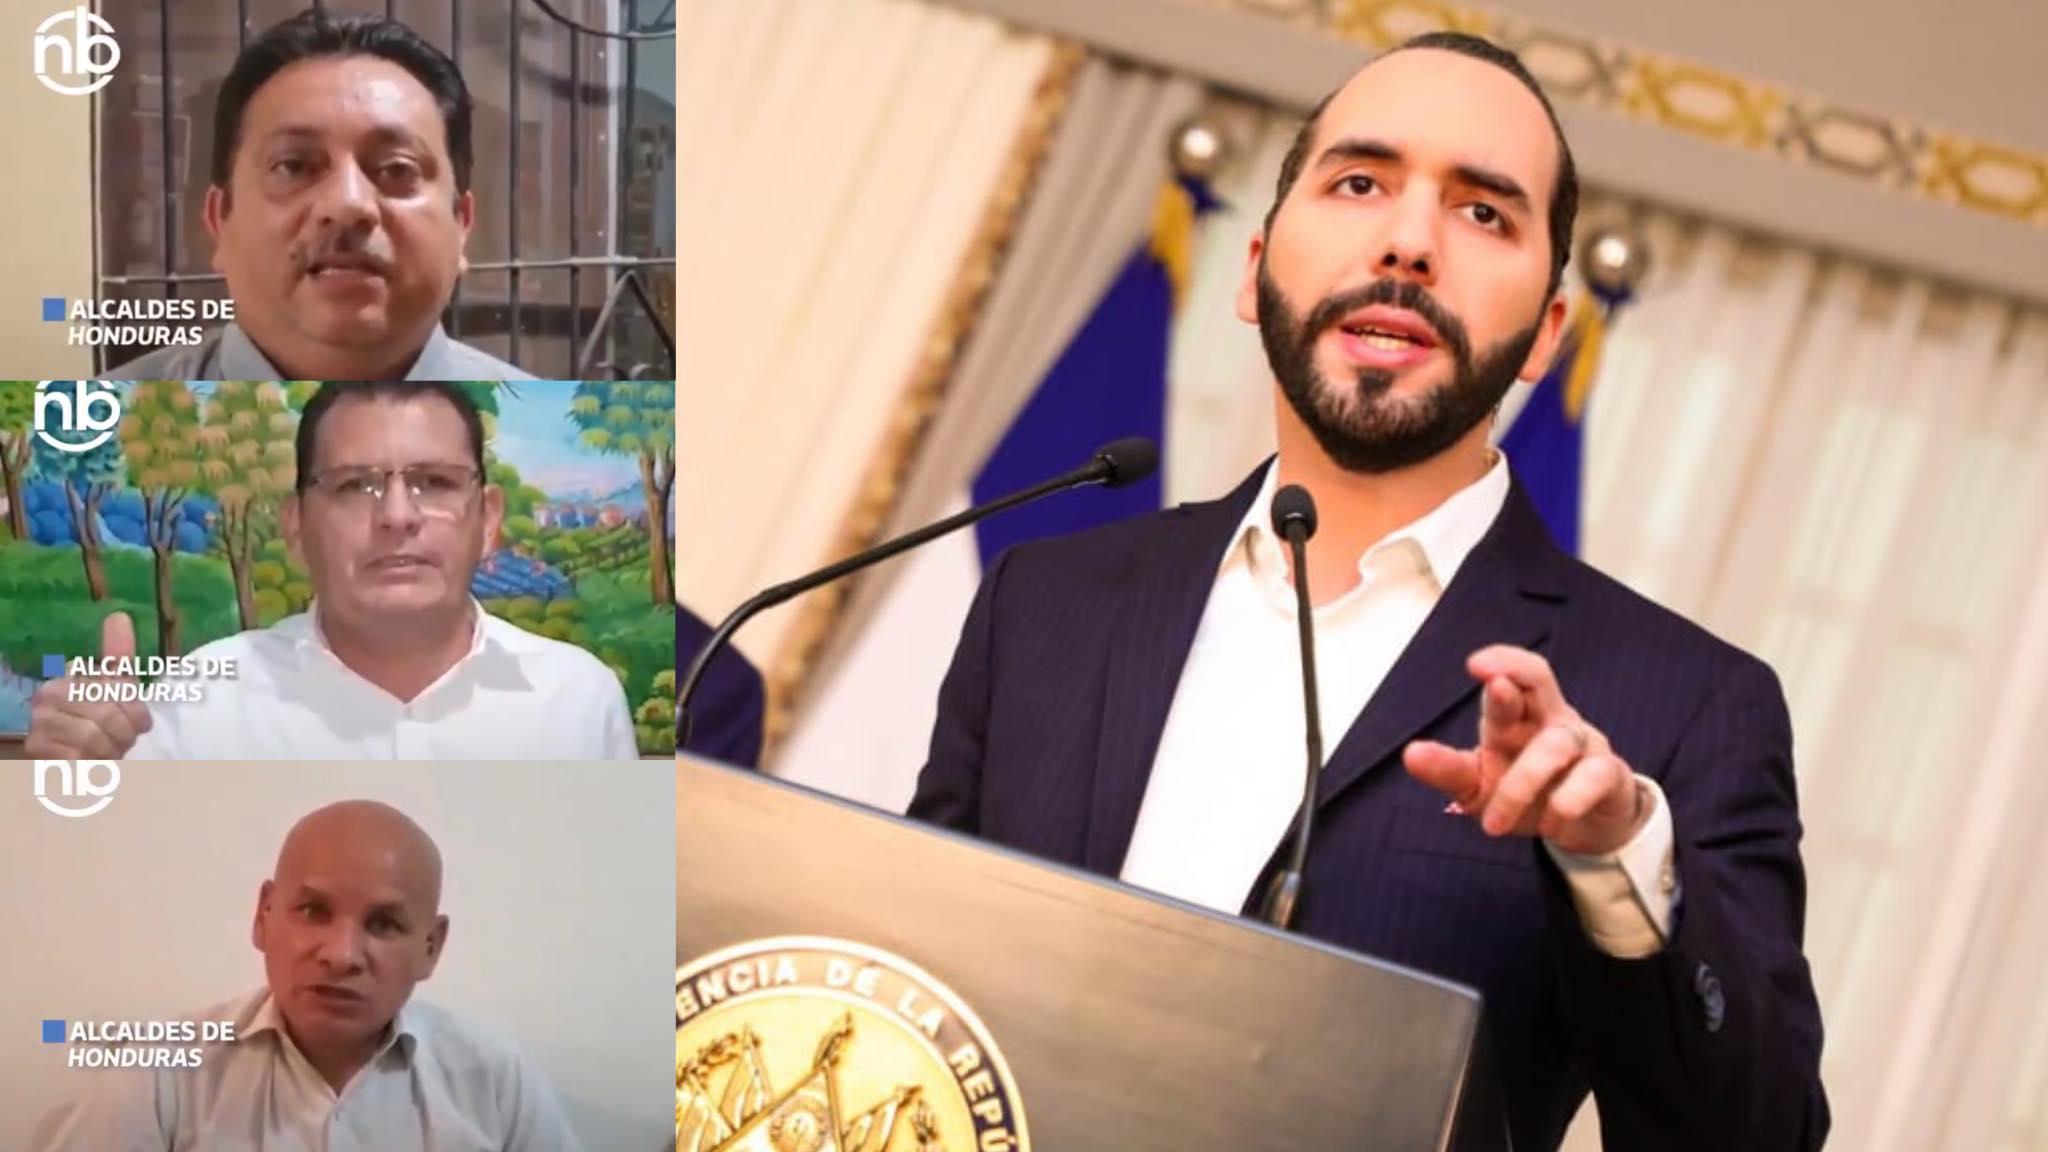 Presidente Bukele ayudara a los alcaldes hondureños con donaciones de vacunas para inmunizar a sus pobladores